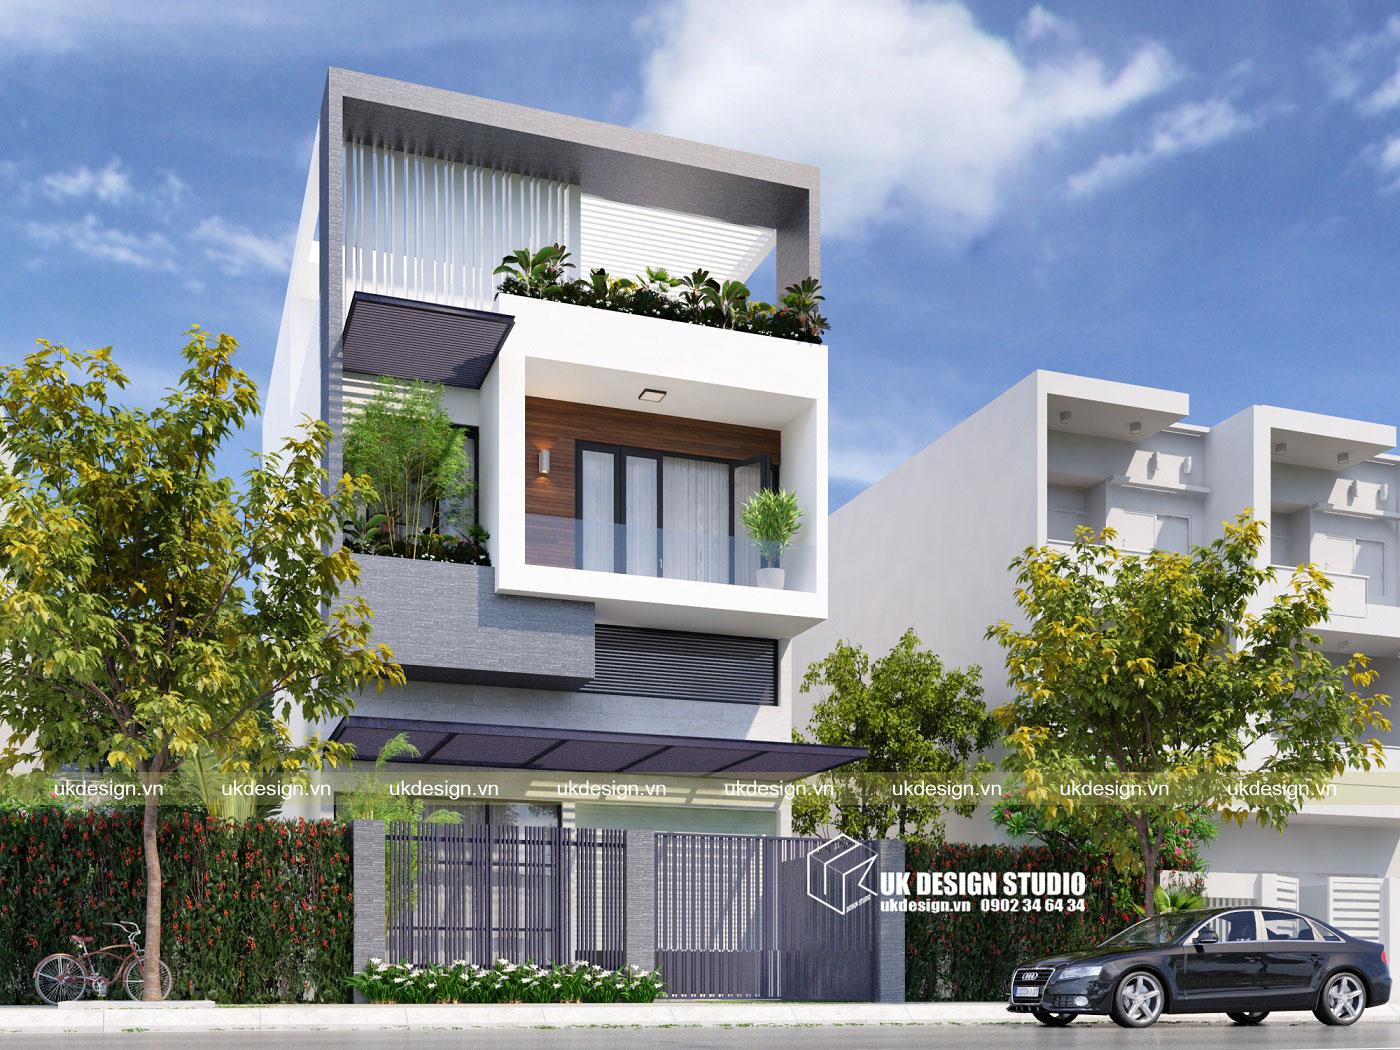 Thiết kế nhà phố hiện đại 3 tầng mặt tiền 8m a